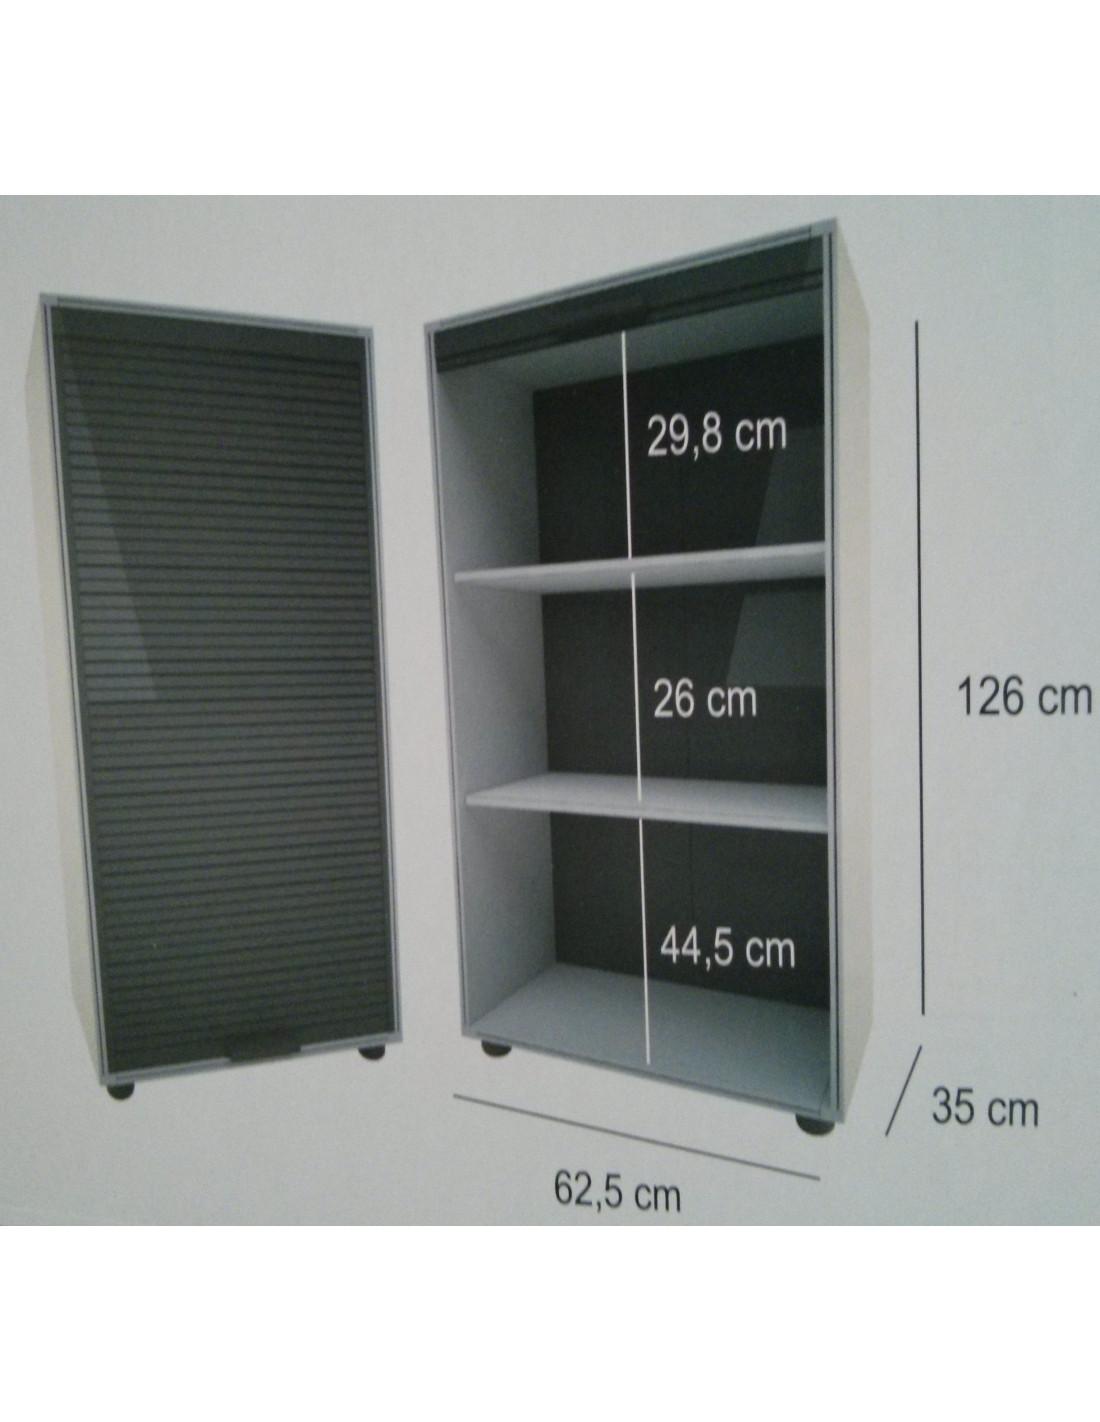 Modulo Armario Con Puertas De Persiana Garaje 126x62 5cm